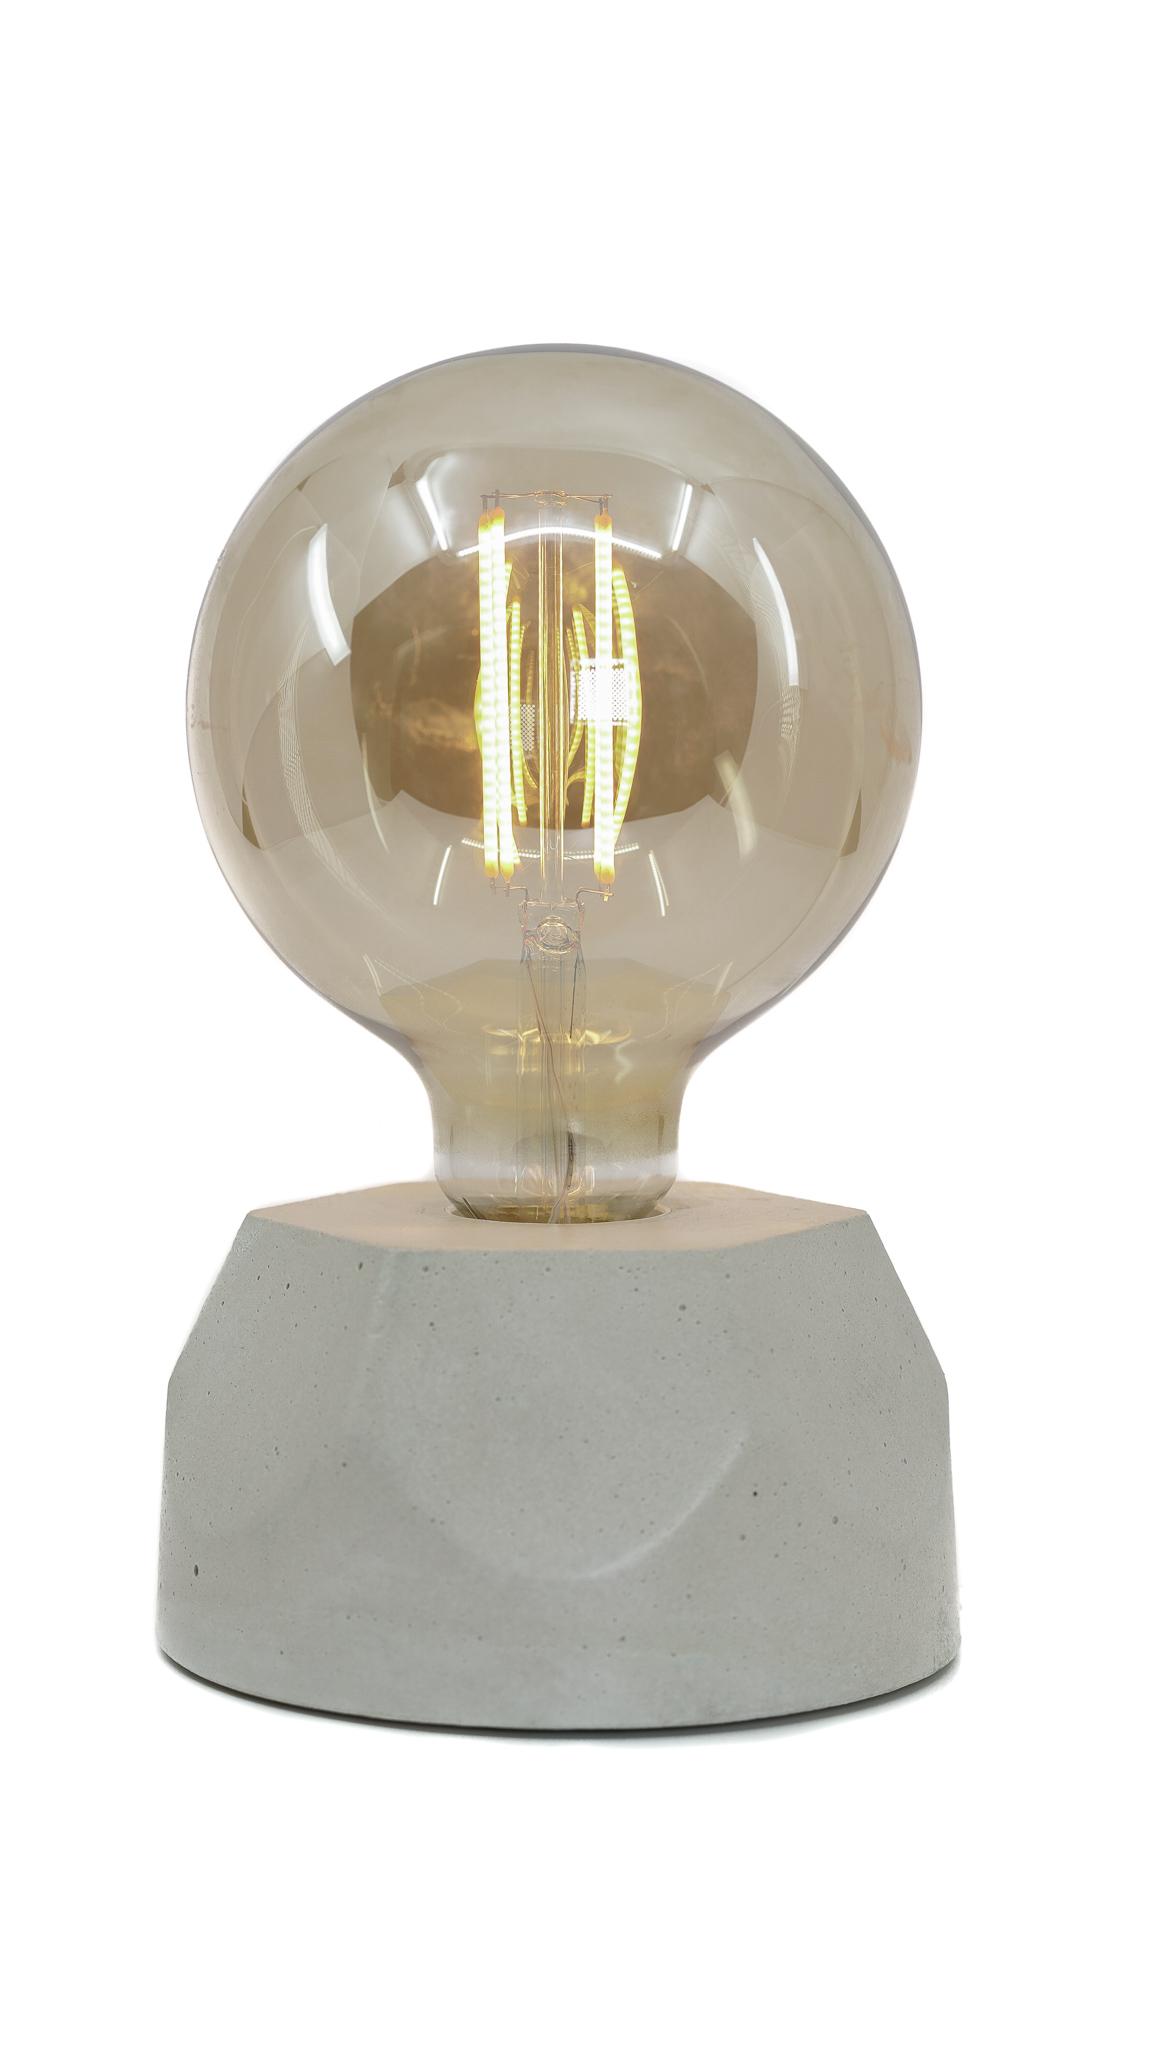 Lampe hexagone en béton beige fabrication artisanale